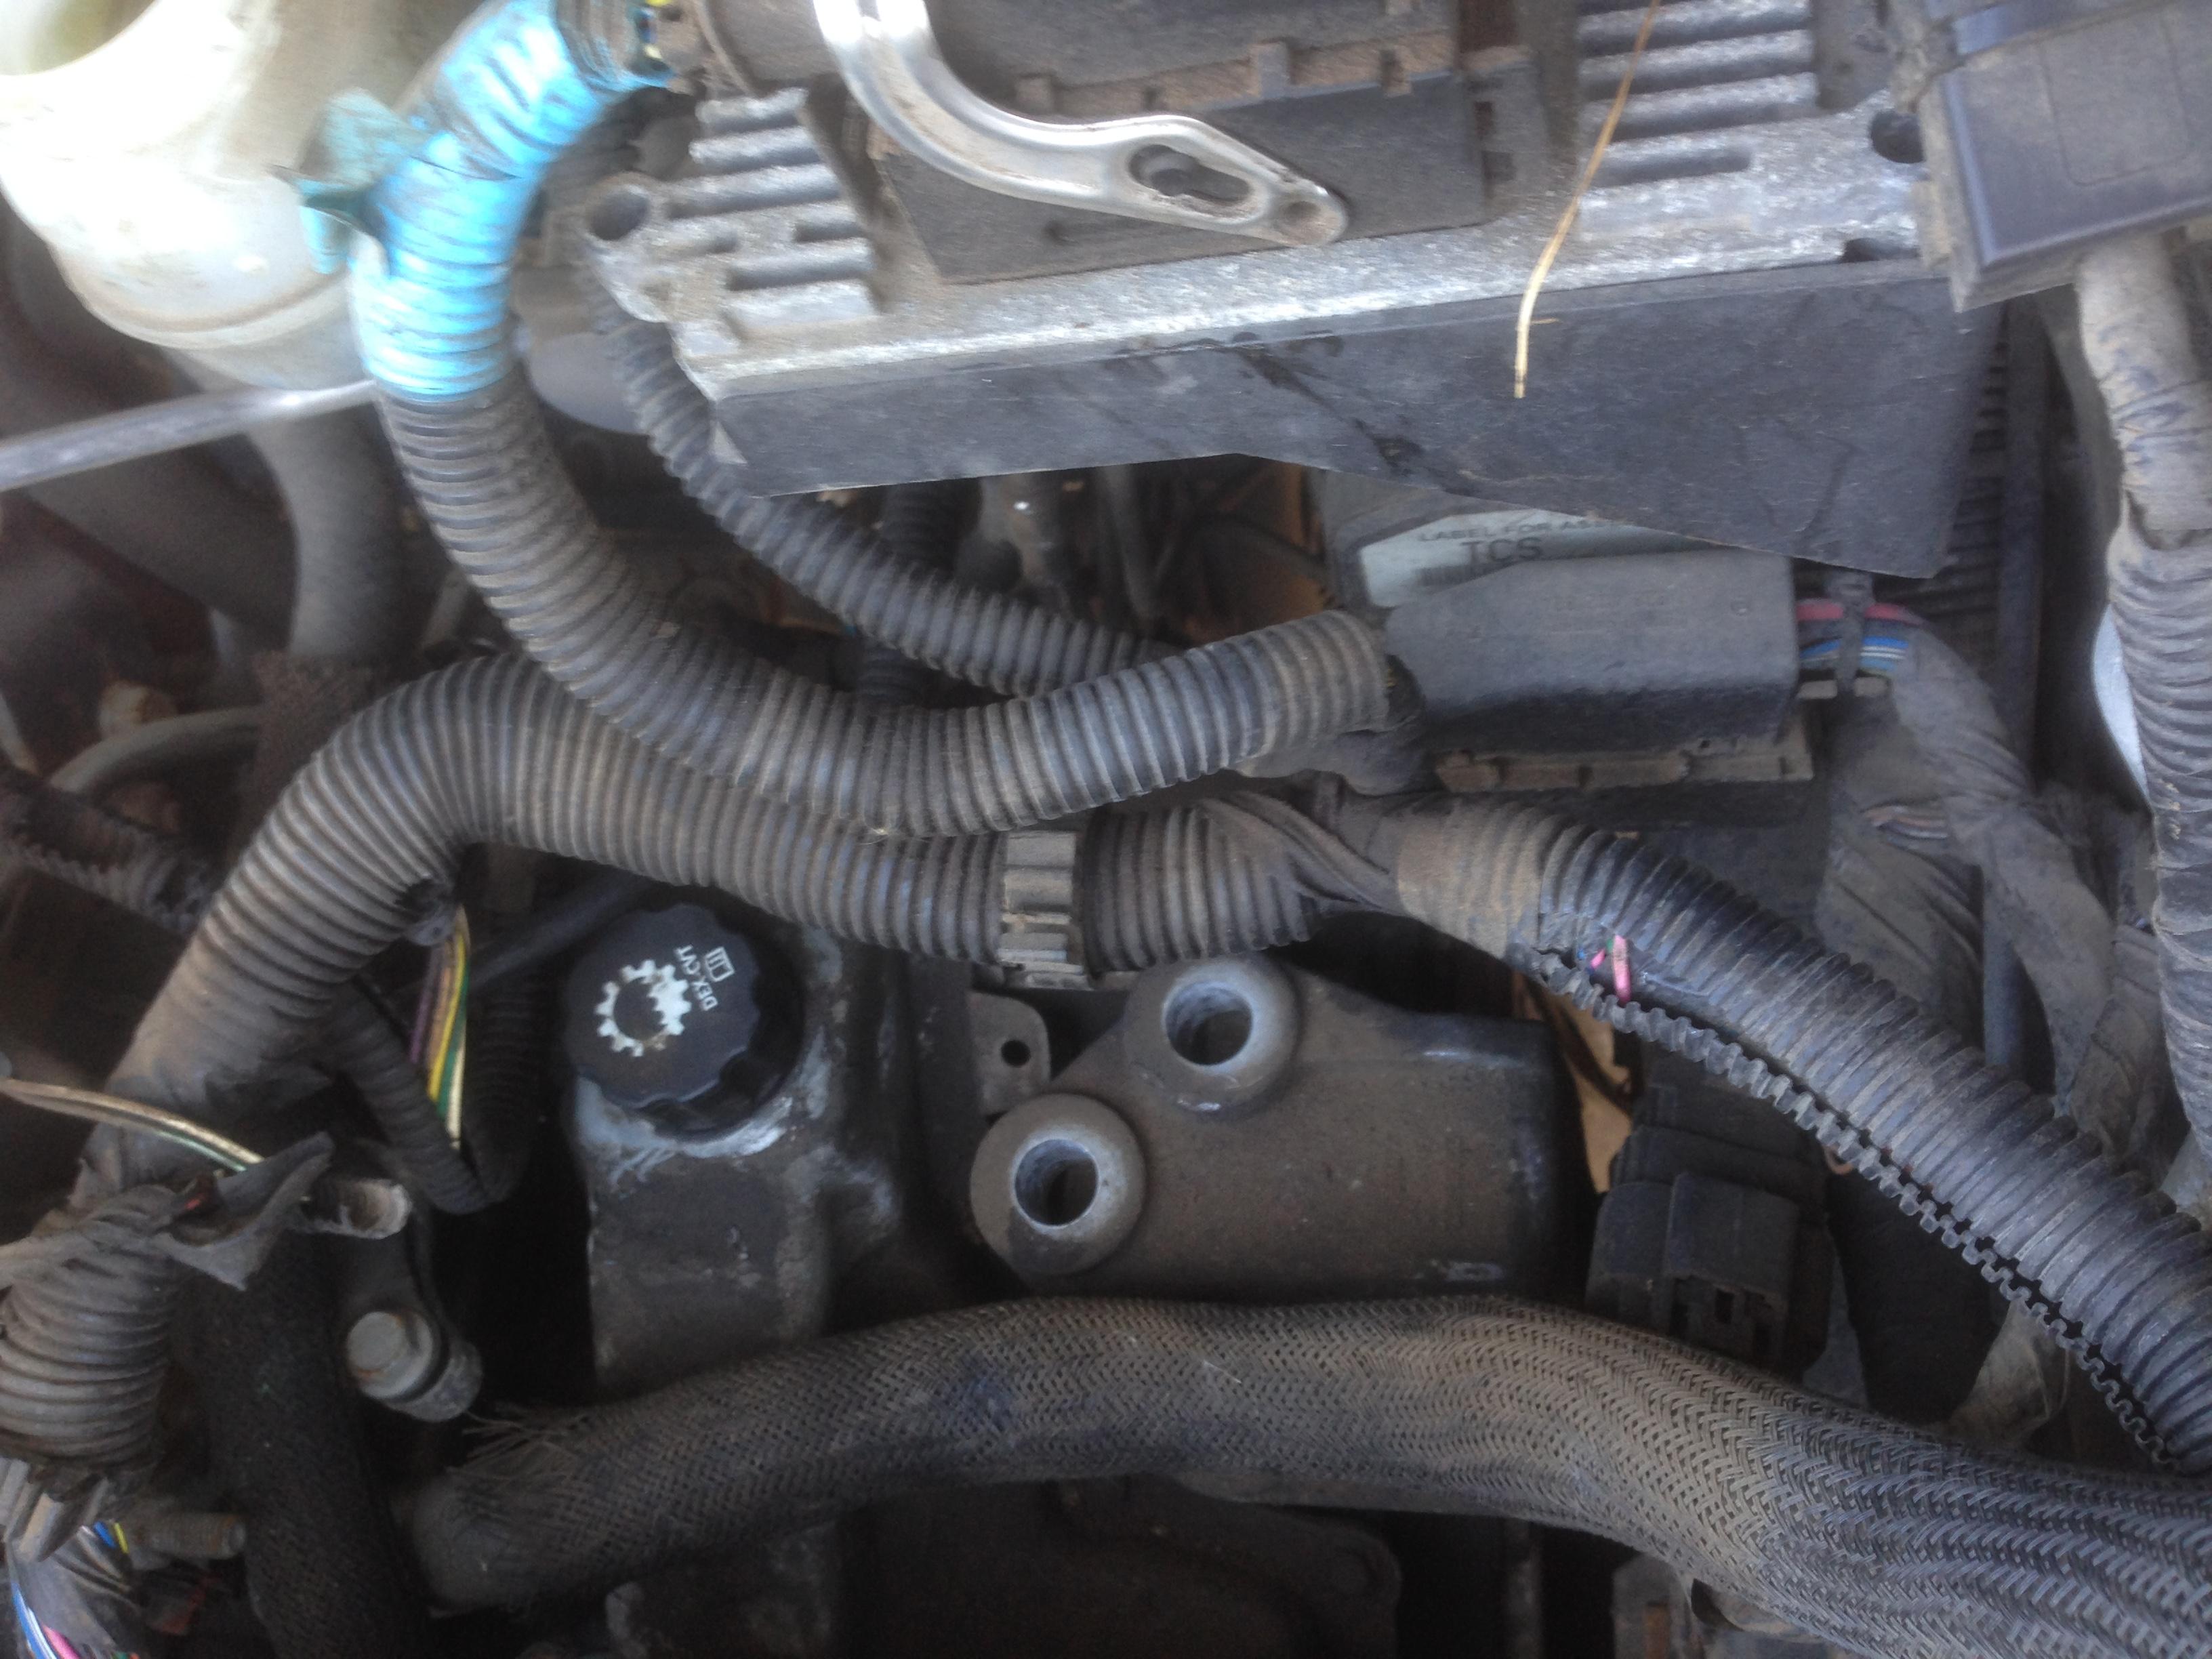 I Have 2004 Saturn Vue 22l 4 Cylinder Engine Front Wheel Drive Cvt Transmission Problems Img 9266